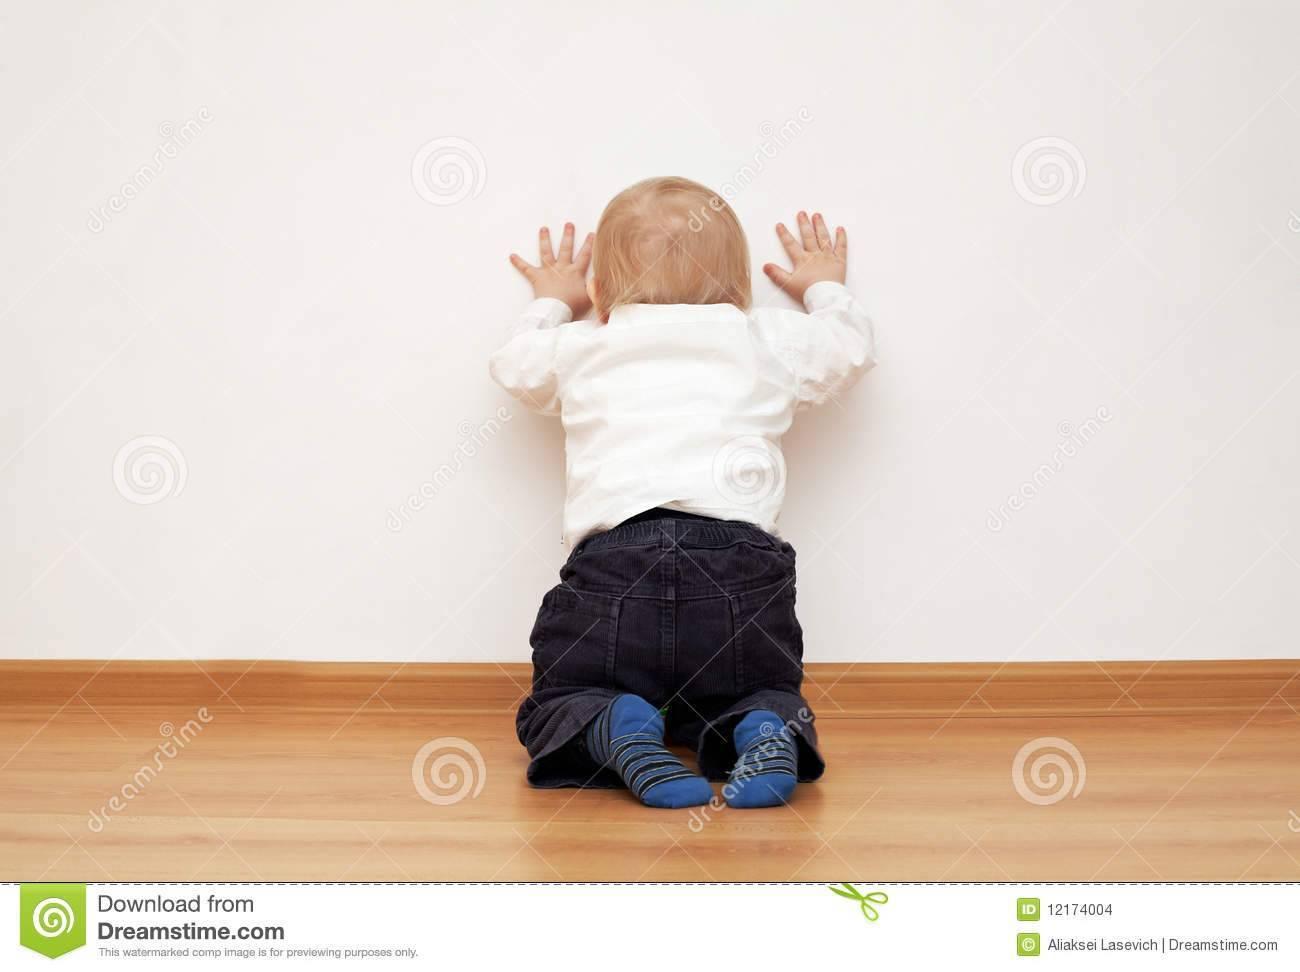 Почему ребенок бьет себя по голове: как реагировать